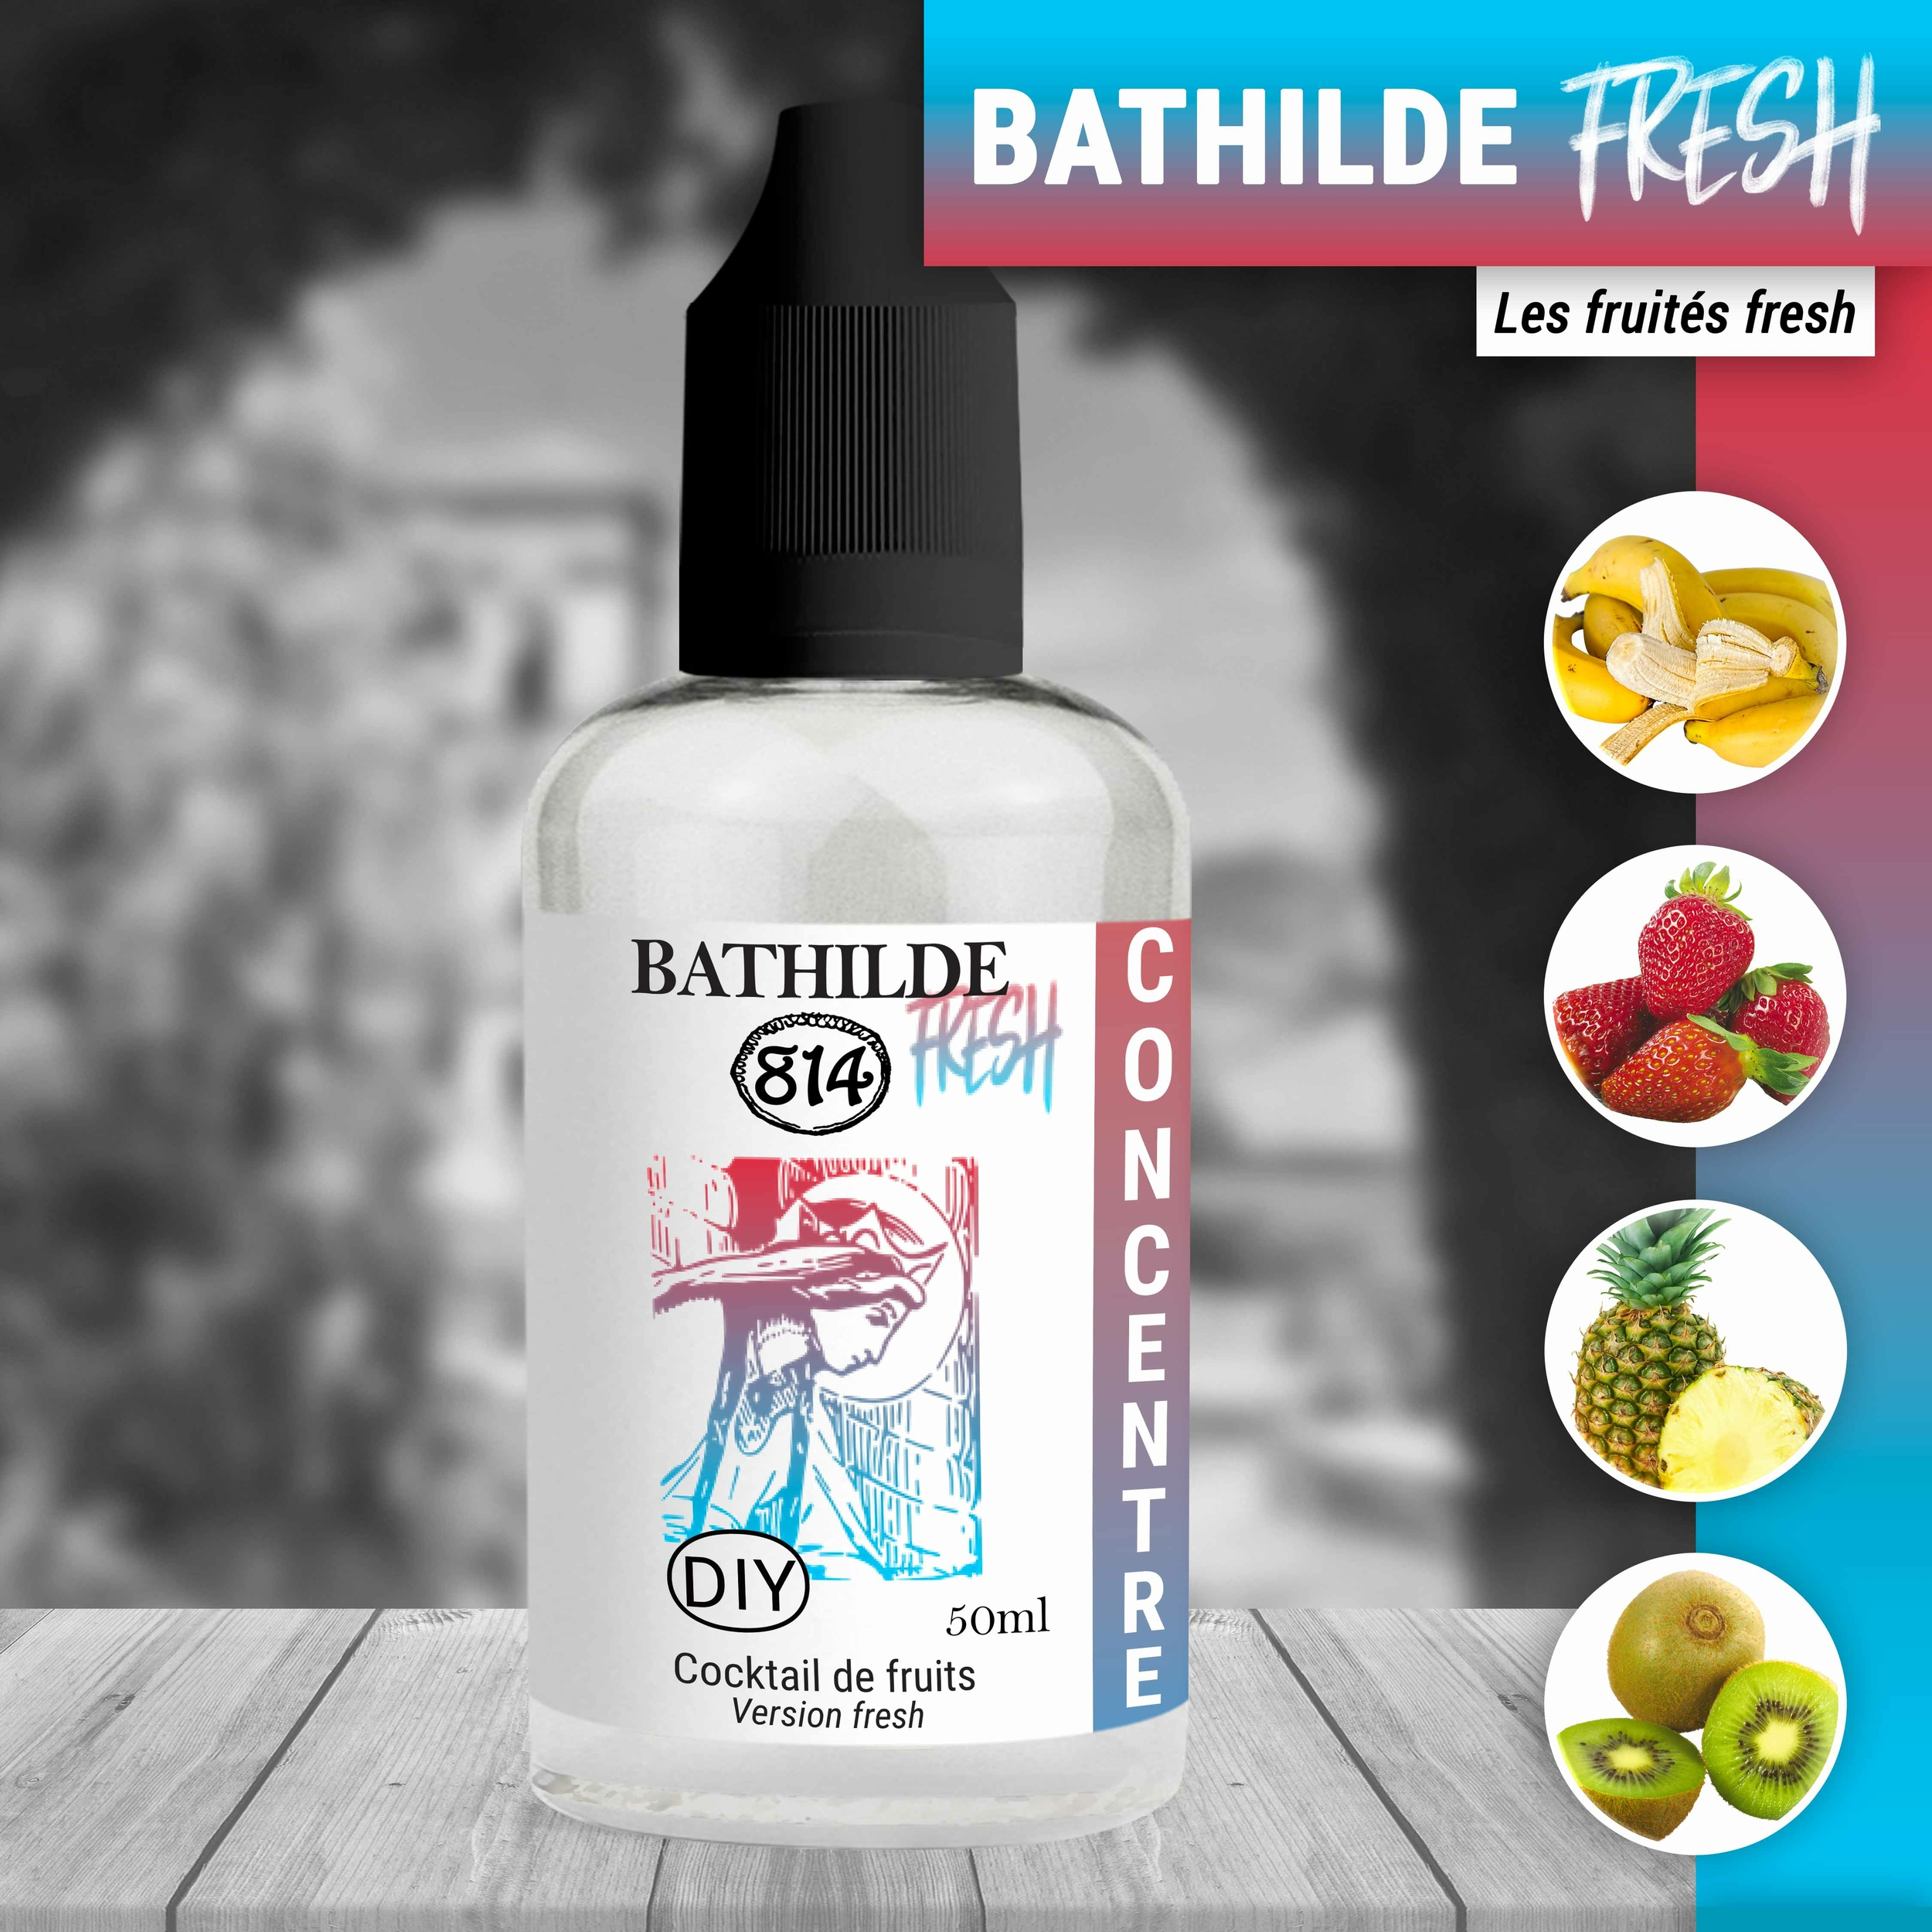 Concentré Bathilde fresh 50ml